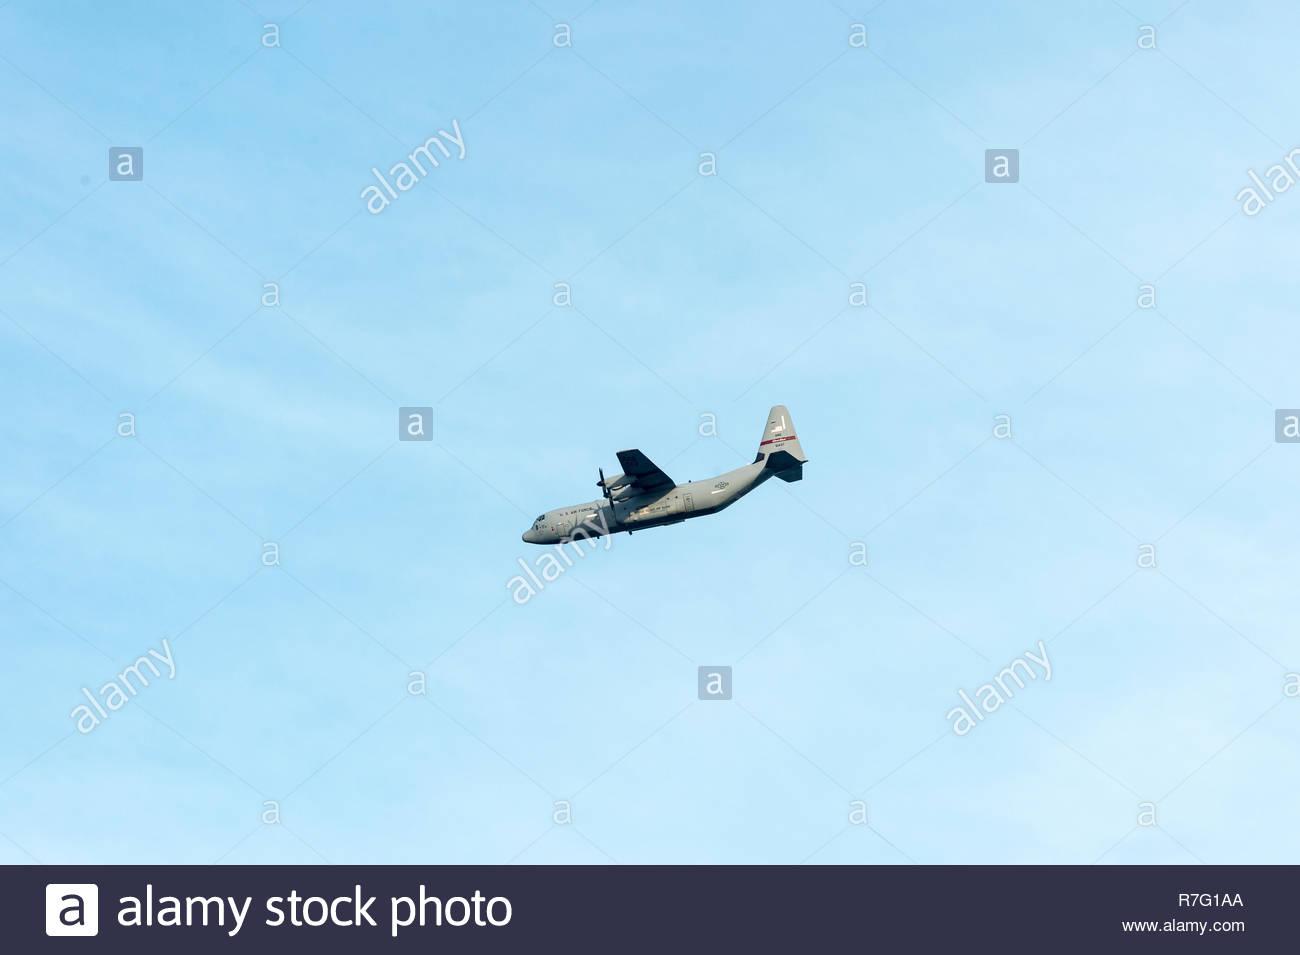 Jamestown, Rhode Island, USA - October 17, 2012: Rhode Island Air National Guard C-130 passing over Jamestown, Rhode Island - Stock Image